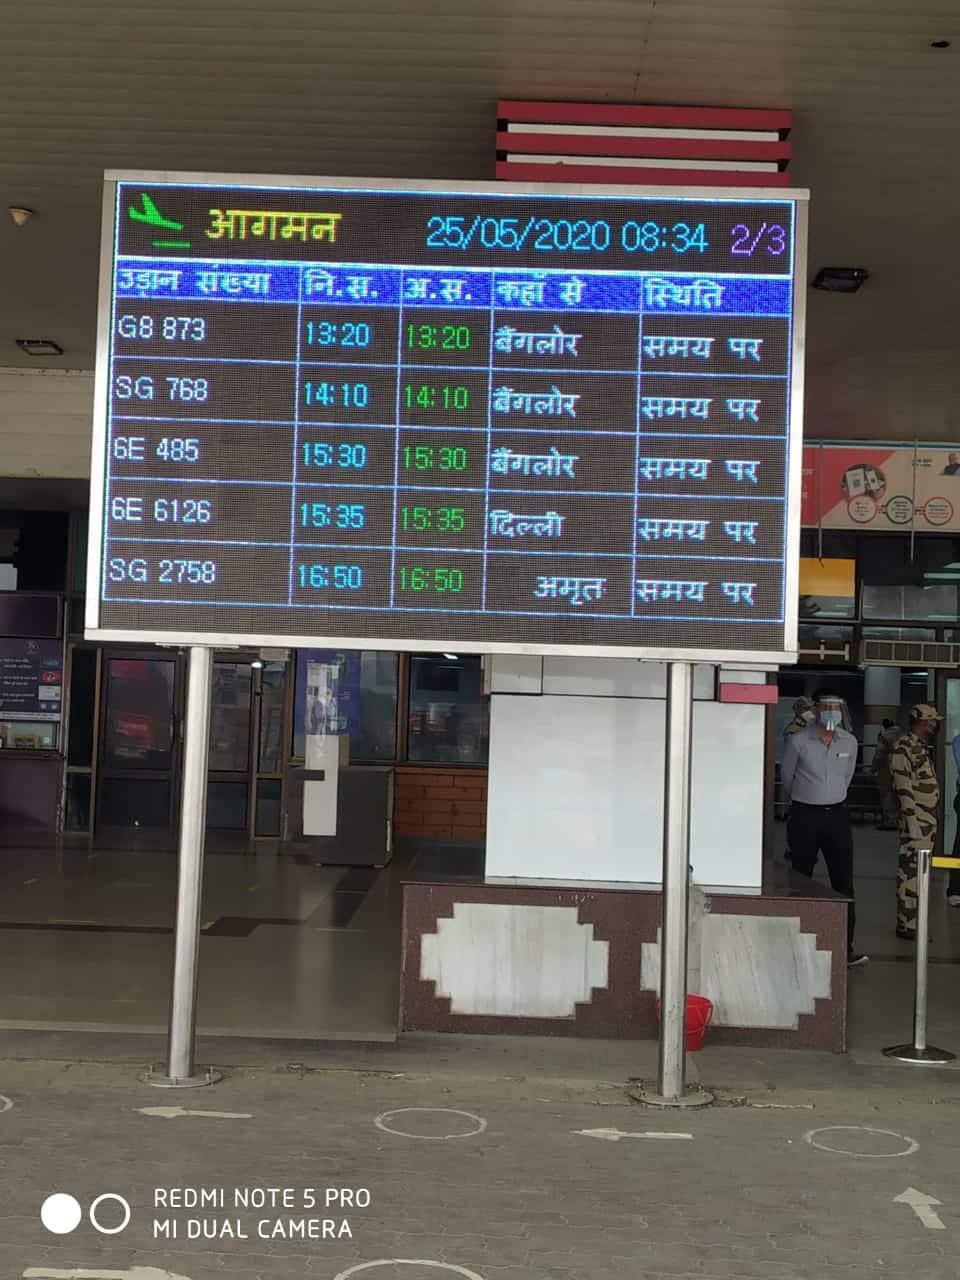 Flight schedule in Patna airport